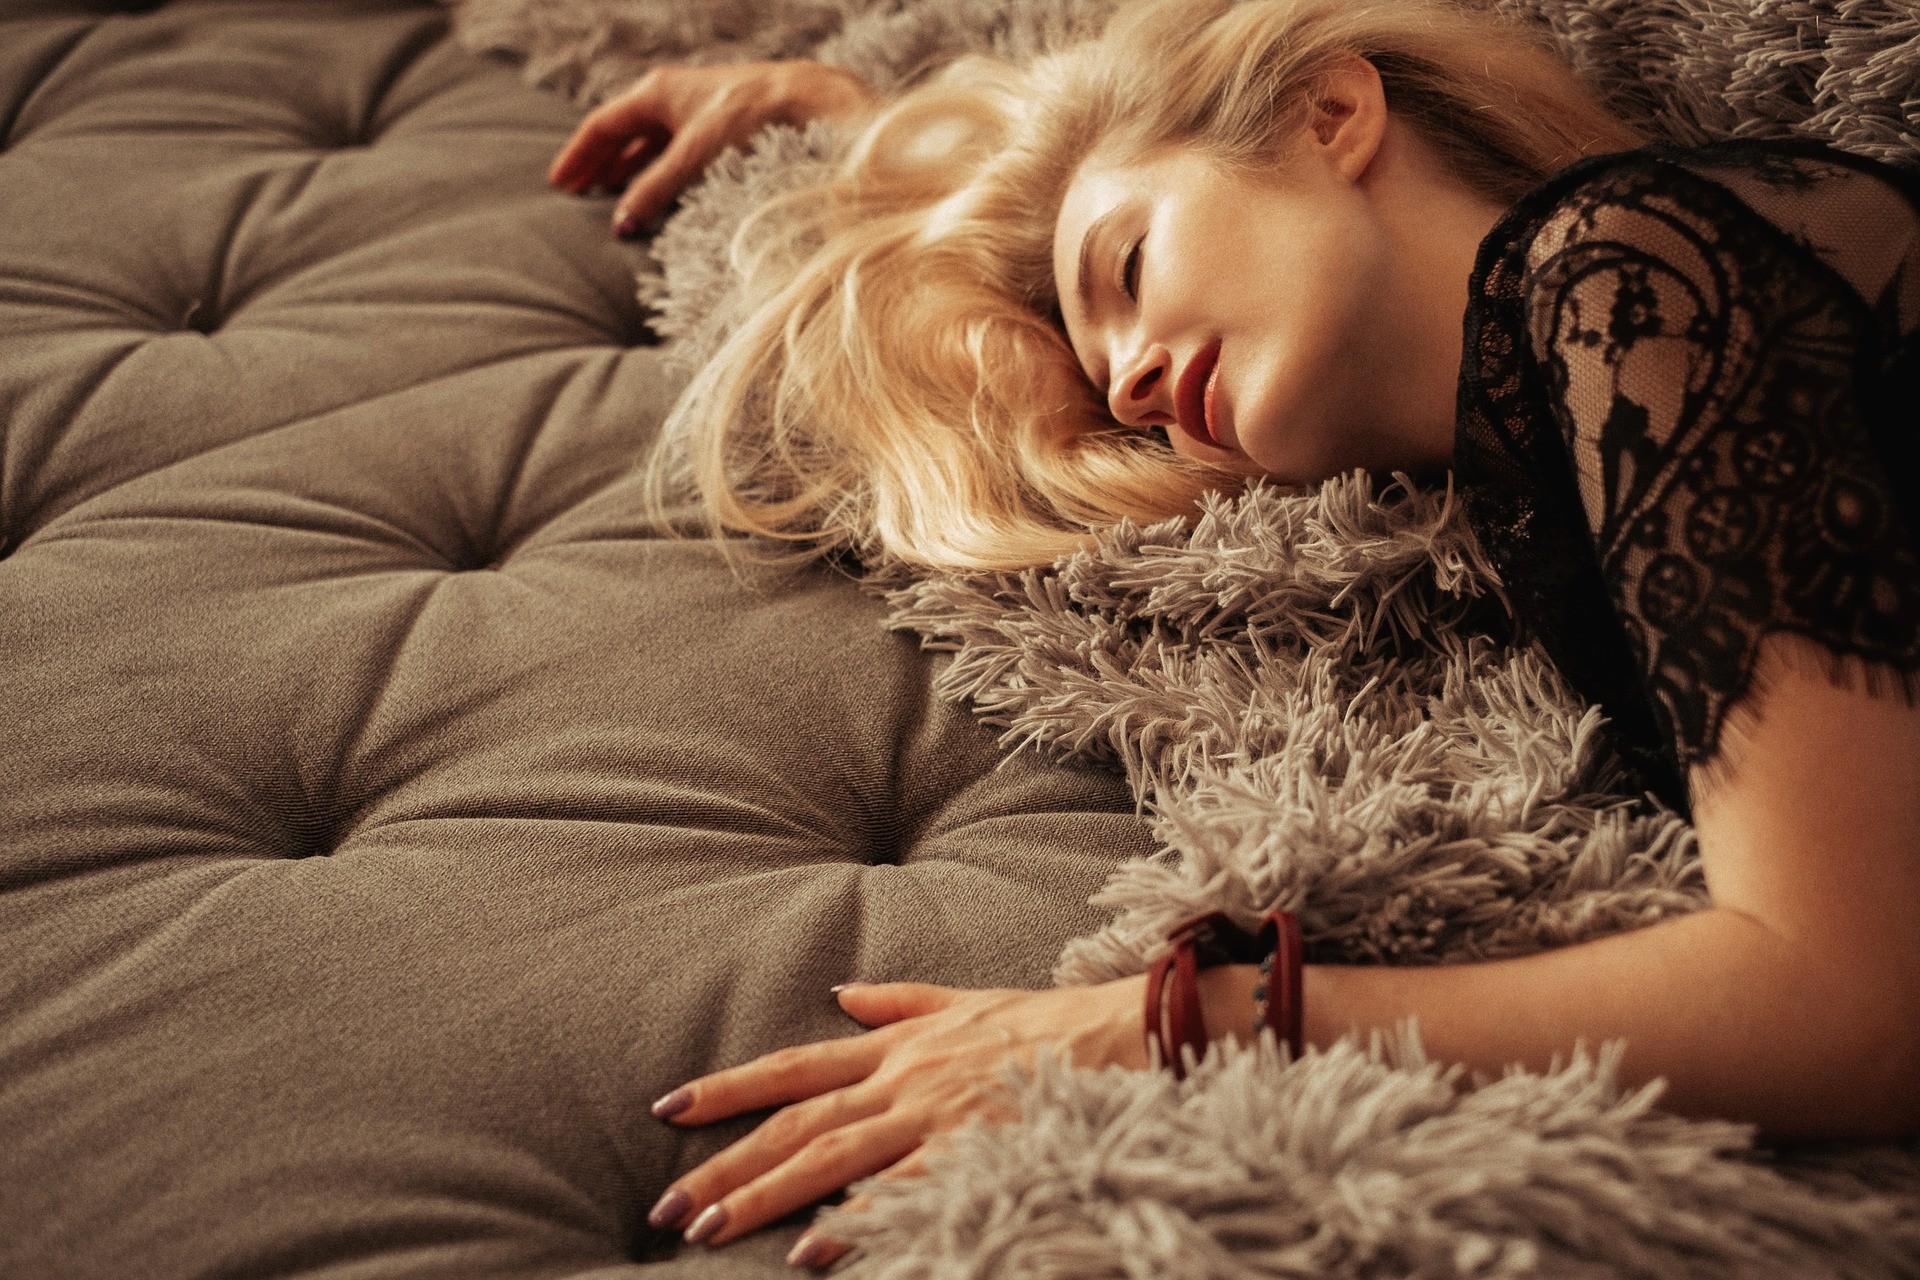 ▲女人,睡覺,女生,享受。(圖/取自免費圖庫Pixabay)